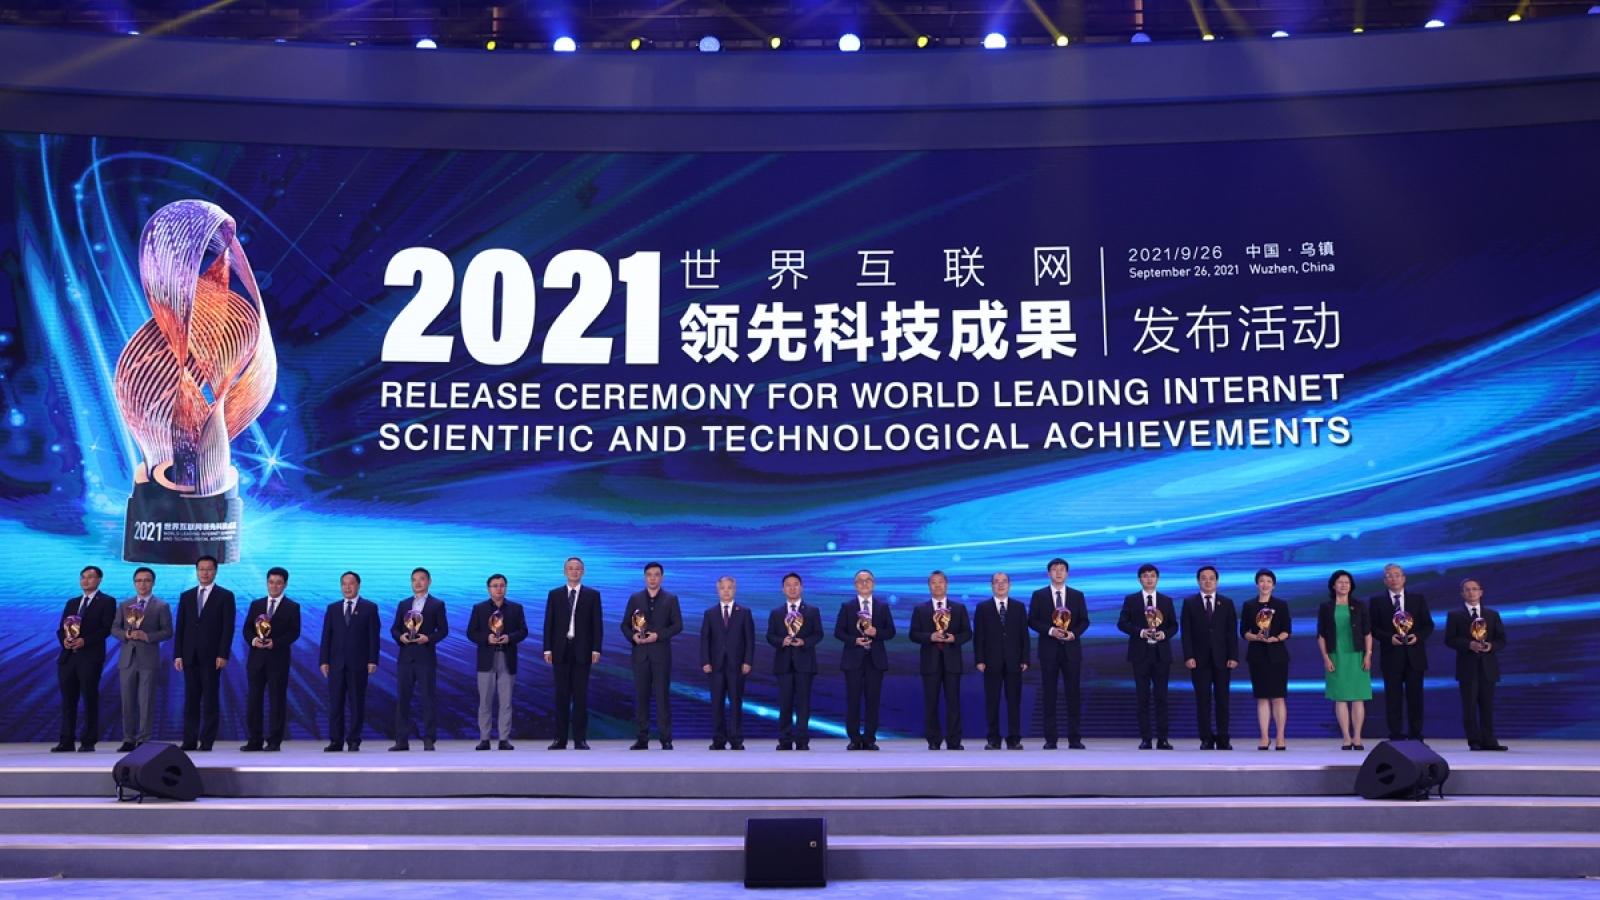 Khai mạc Hội nghị Thượng đỉnh Ô Trấn Đại hội Internet quốc tế 2021